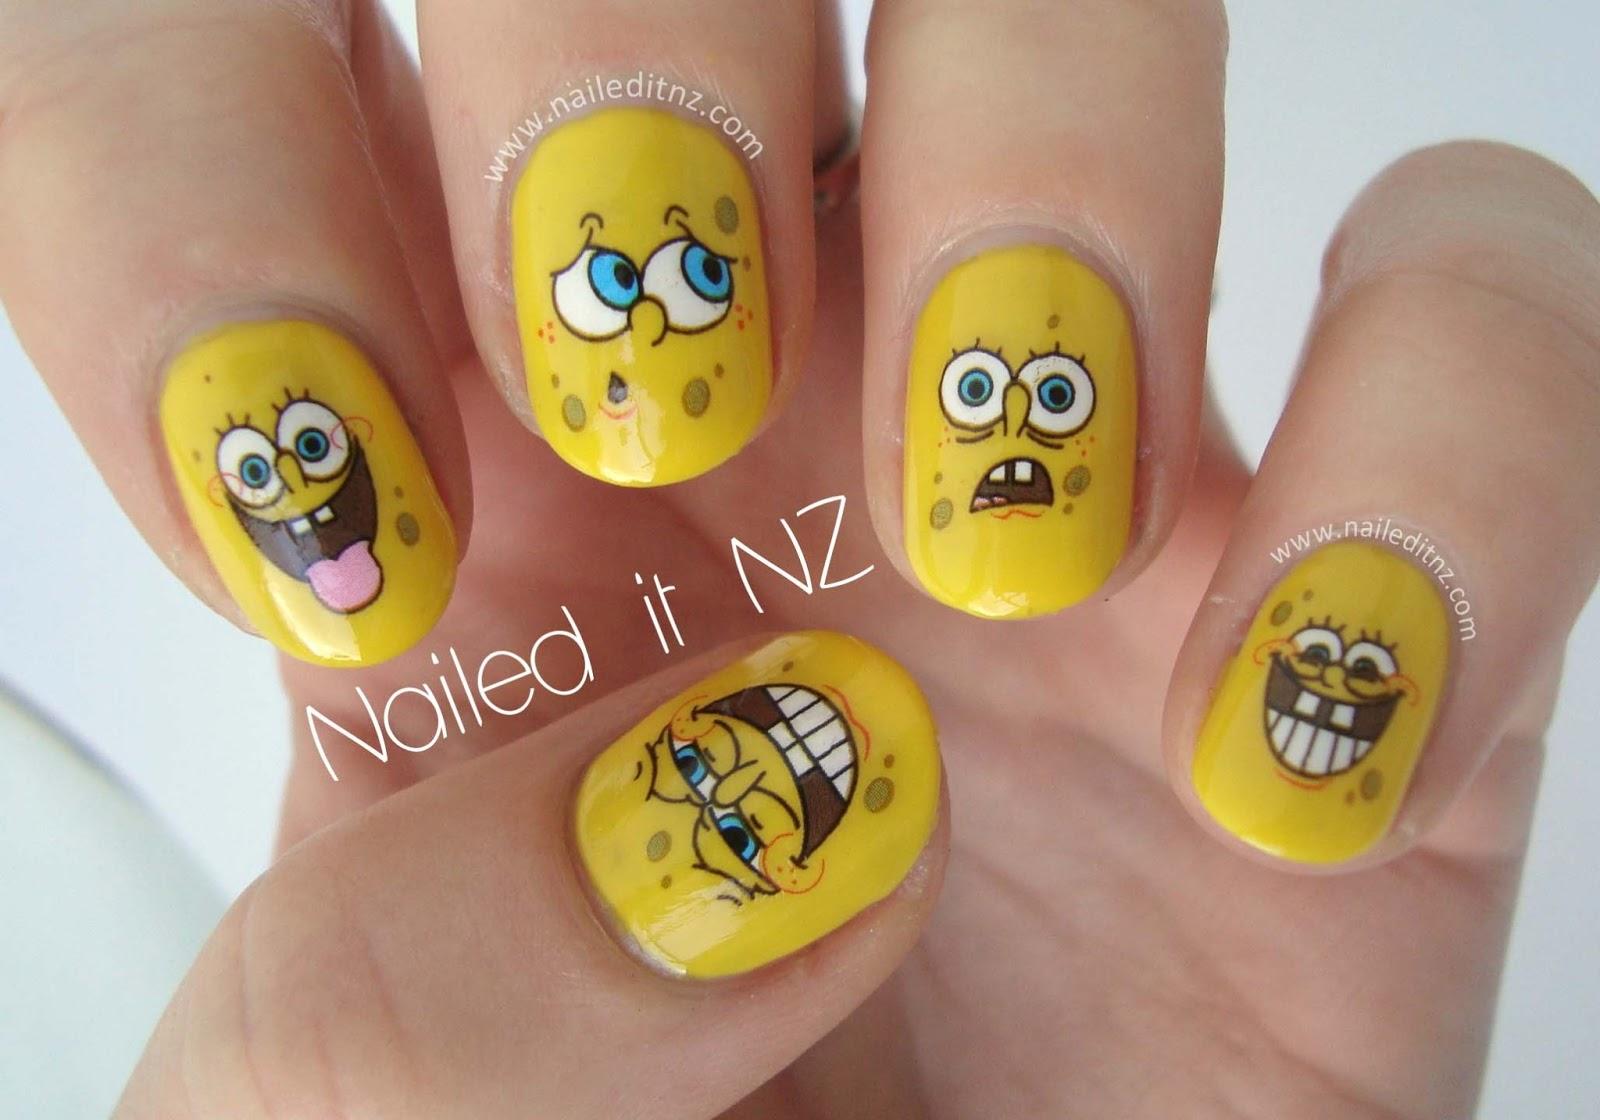 Spongebob Squarepants Nails - Spongebob nail decals